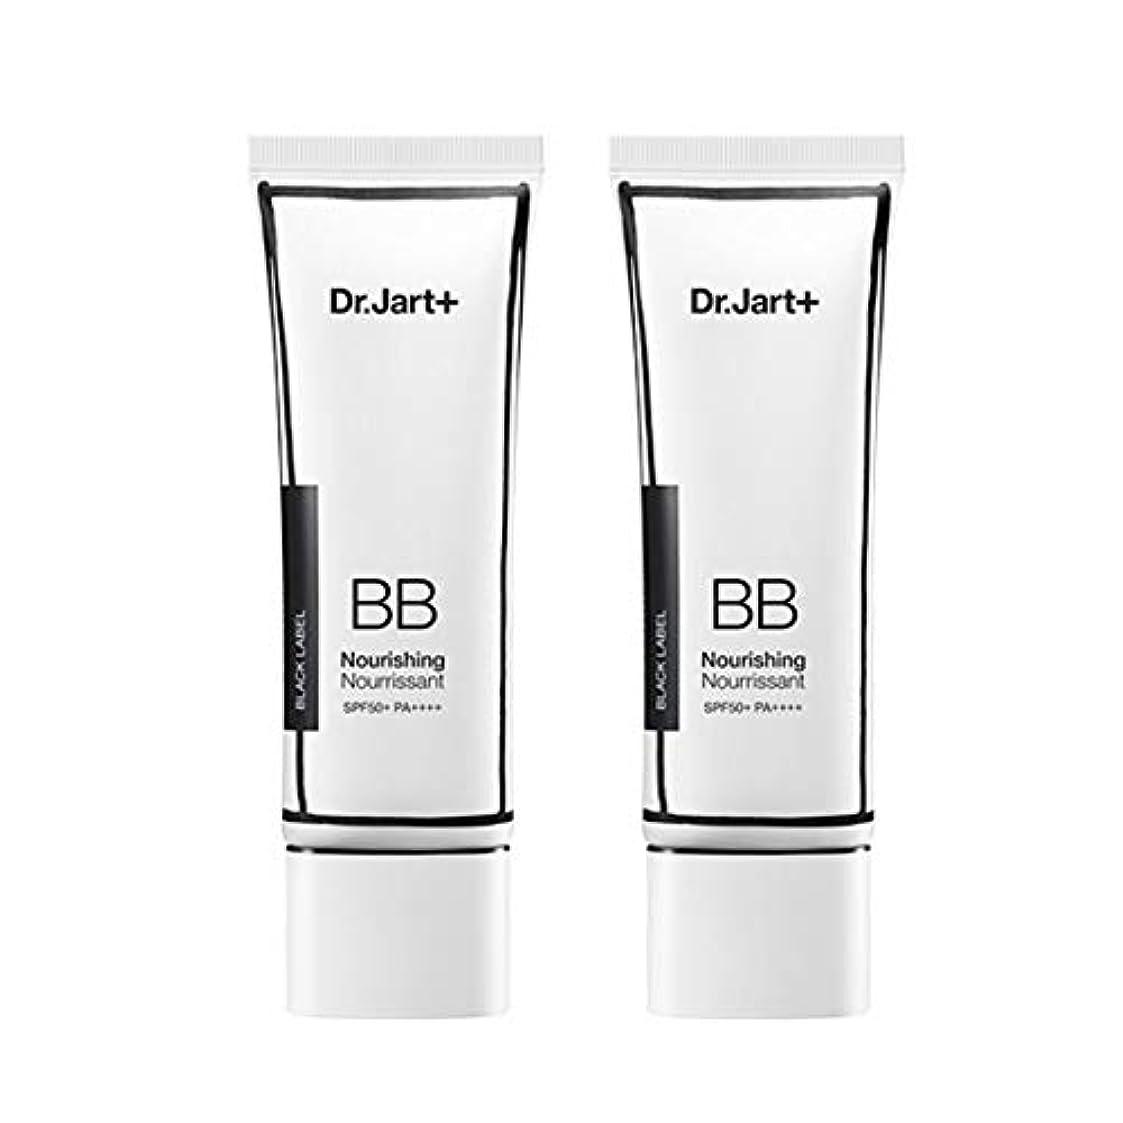 抵抗抑圧するわがままドクタージャルトゥザメイクアップノリシンビューティーbalm 50ml x 2本セットBBクリーム、Dr.Jart Dermakeup Nourishing Beauty Balm 50ml x 2ea Set BB Cream...